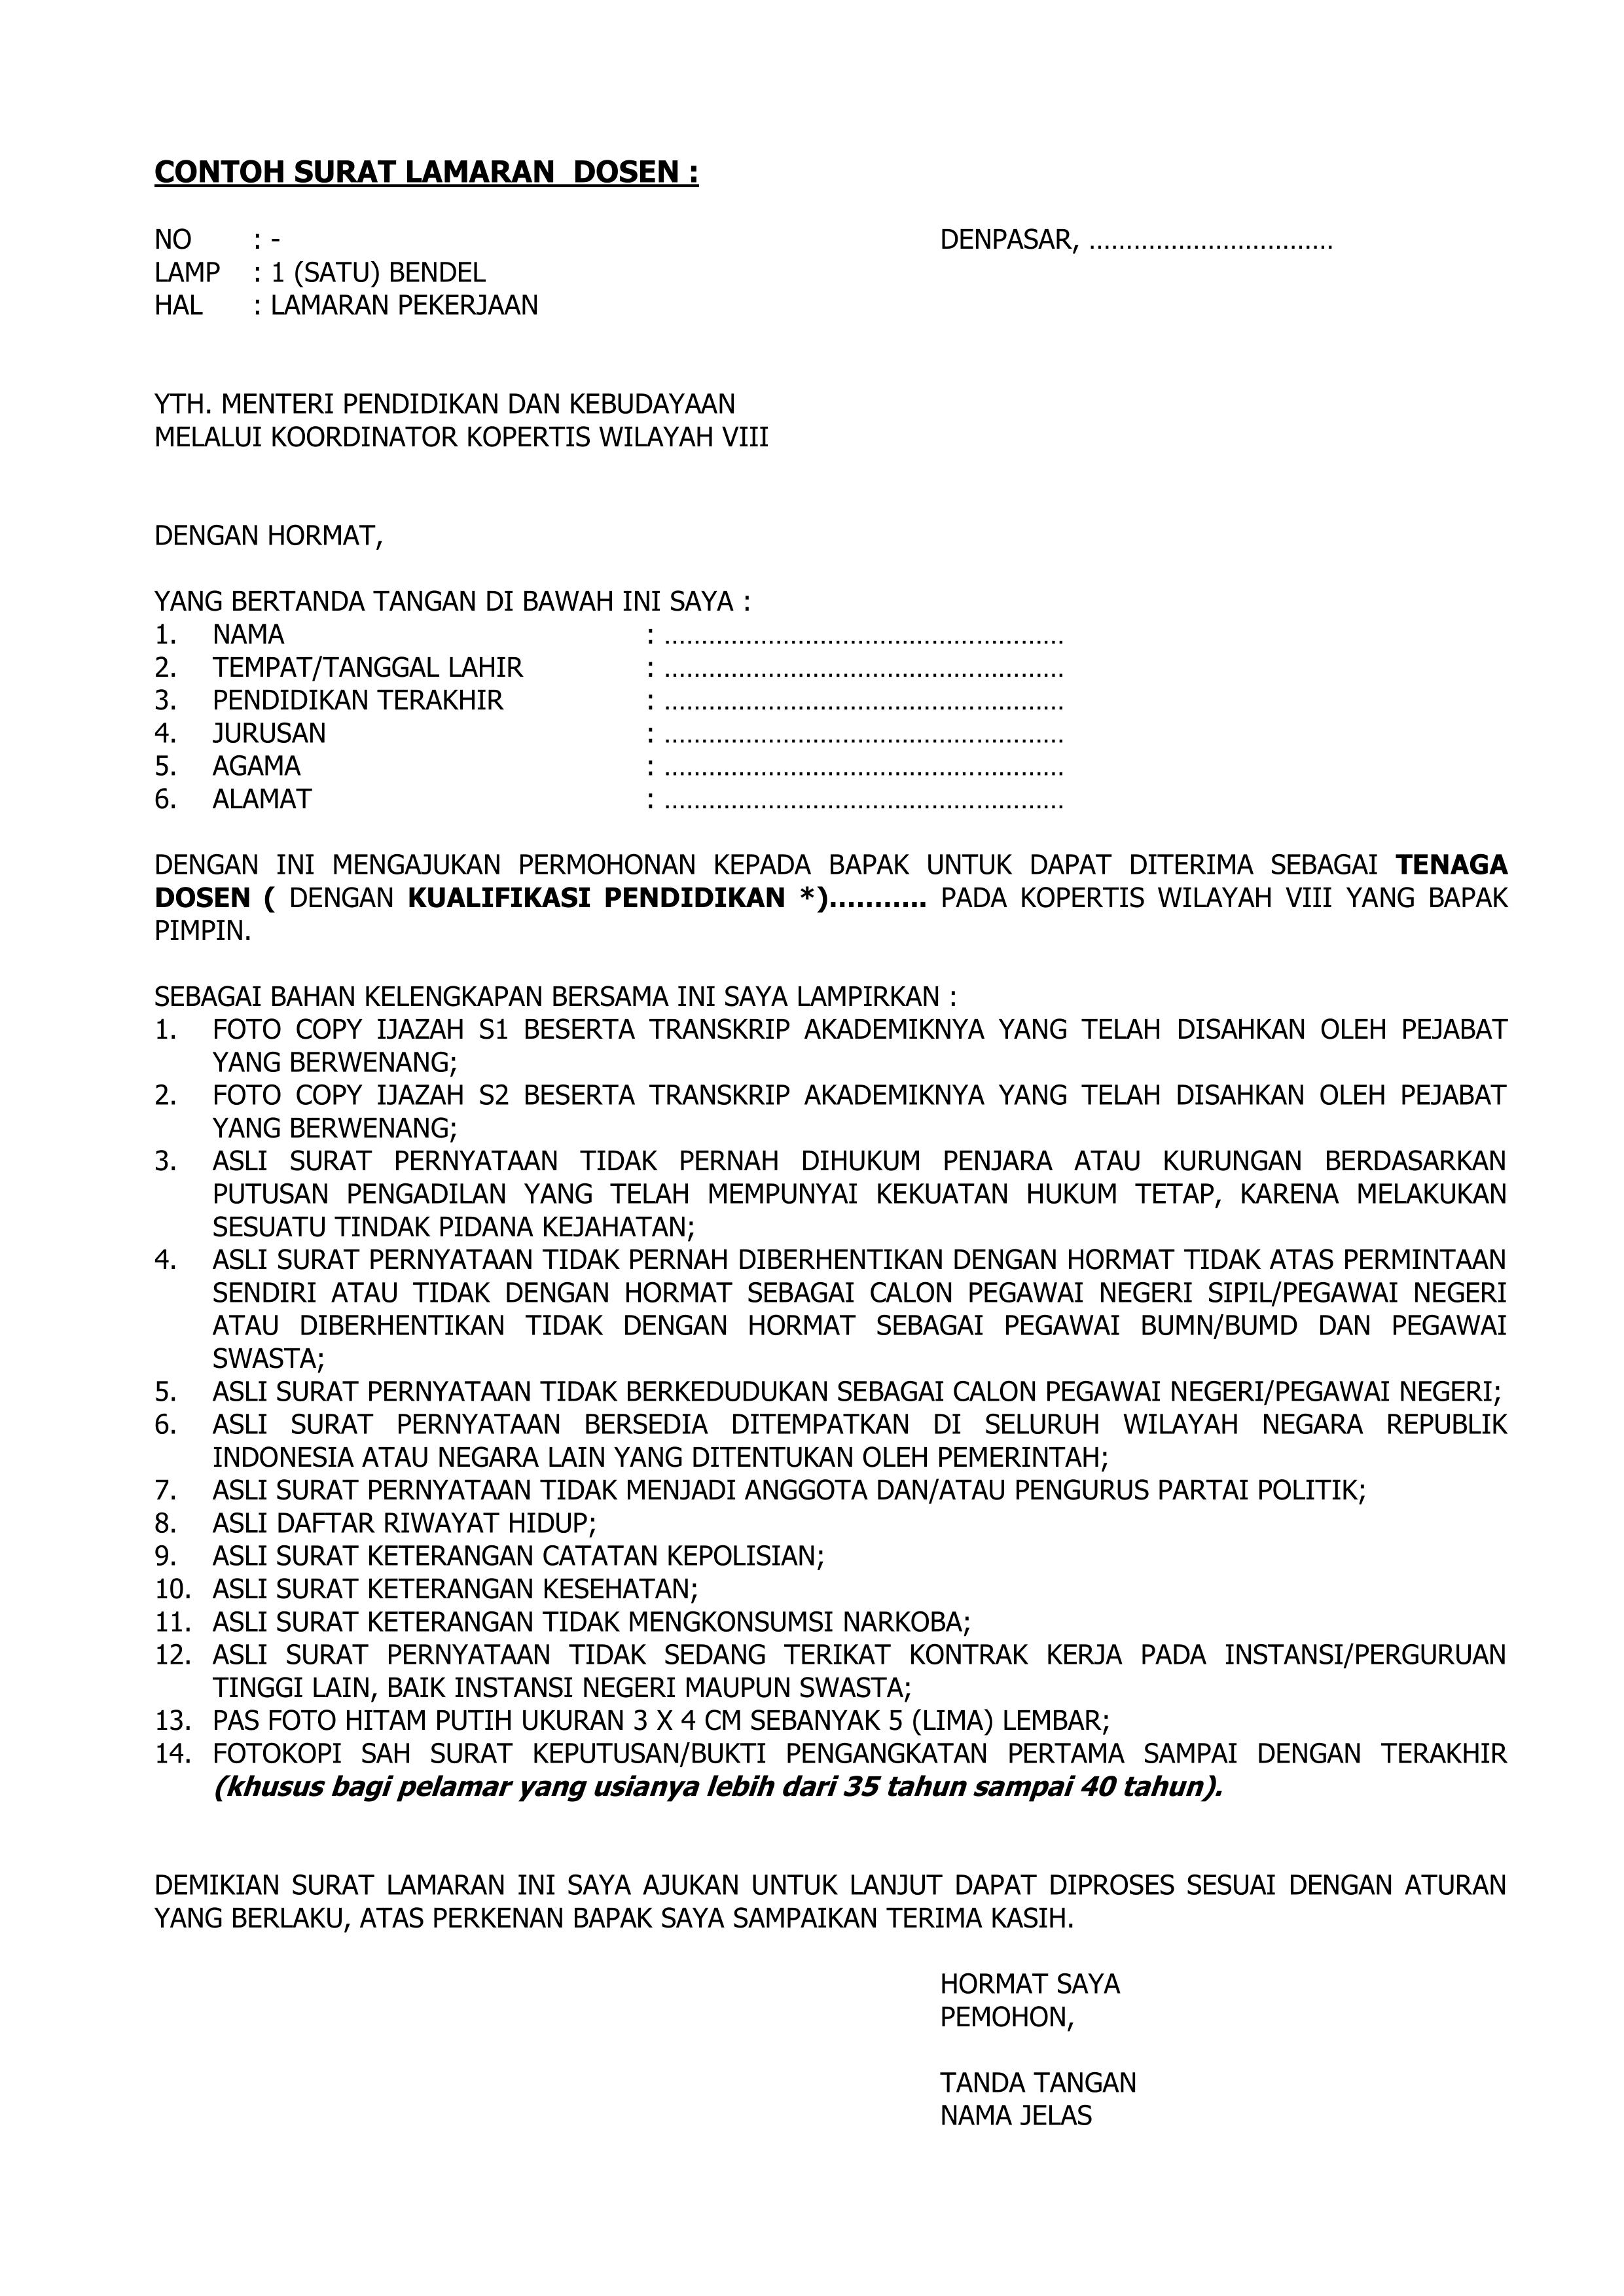 Contoh Surat Lamaran Kerja Dosen - Contoh Surat